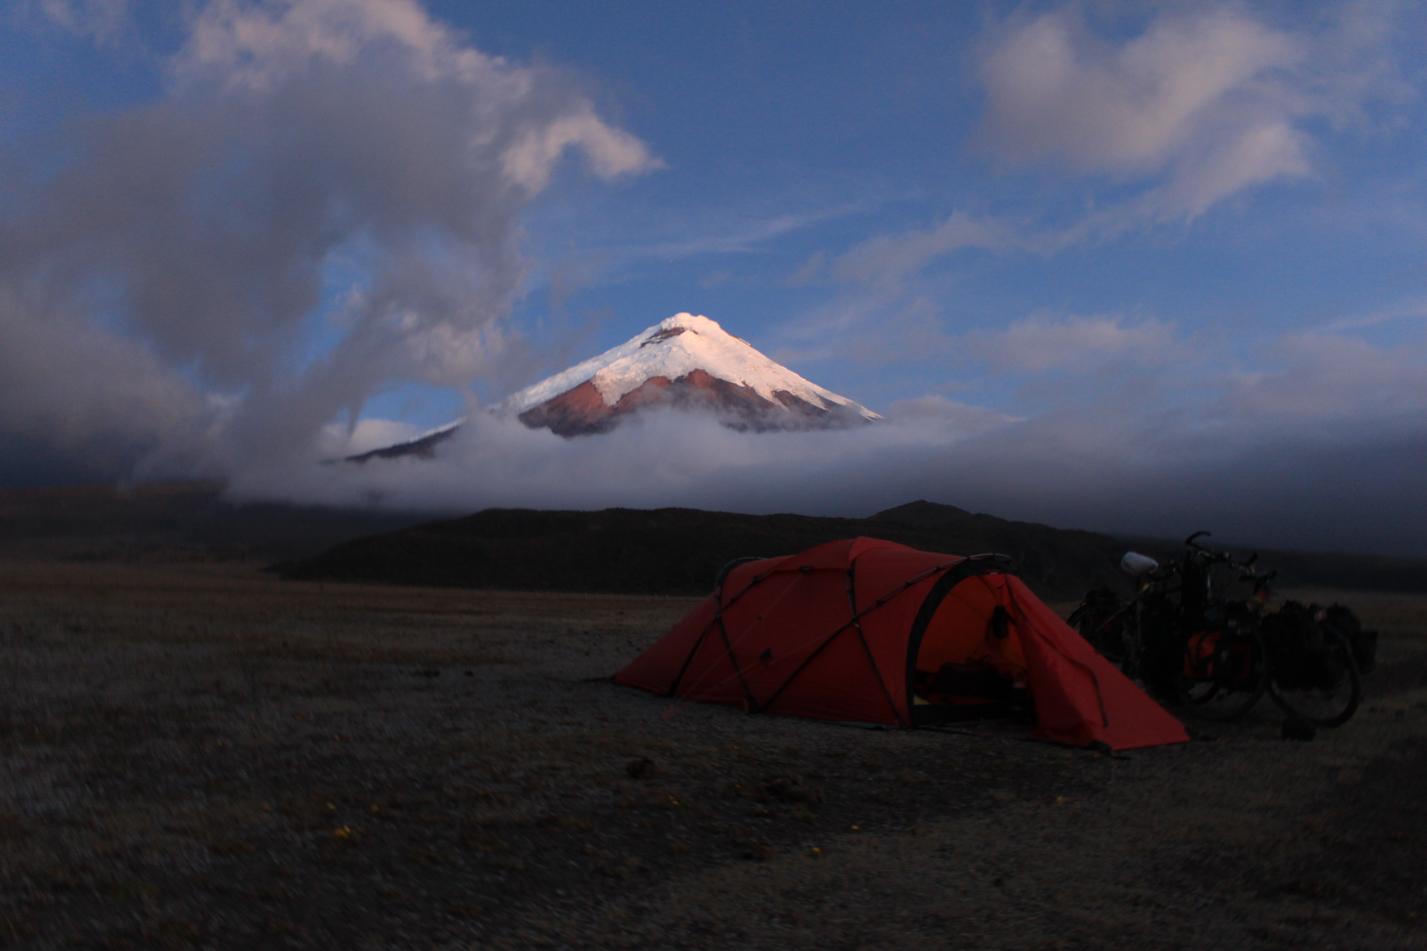 Am Abend haben sich die Wolken um den Krater des Cotopaxi gelichtet und wir haben die Schneekuppe nochmal zu Gesicht bekommen.